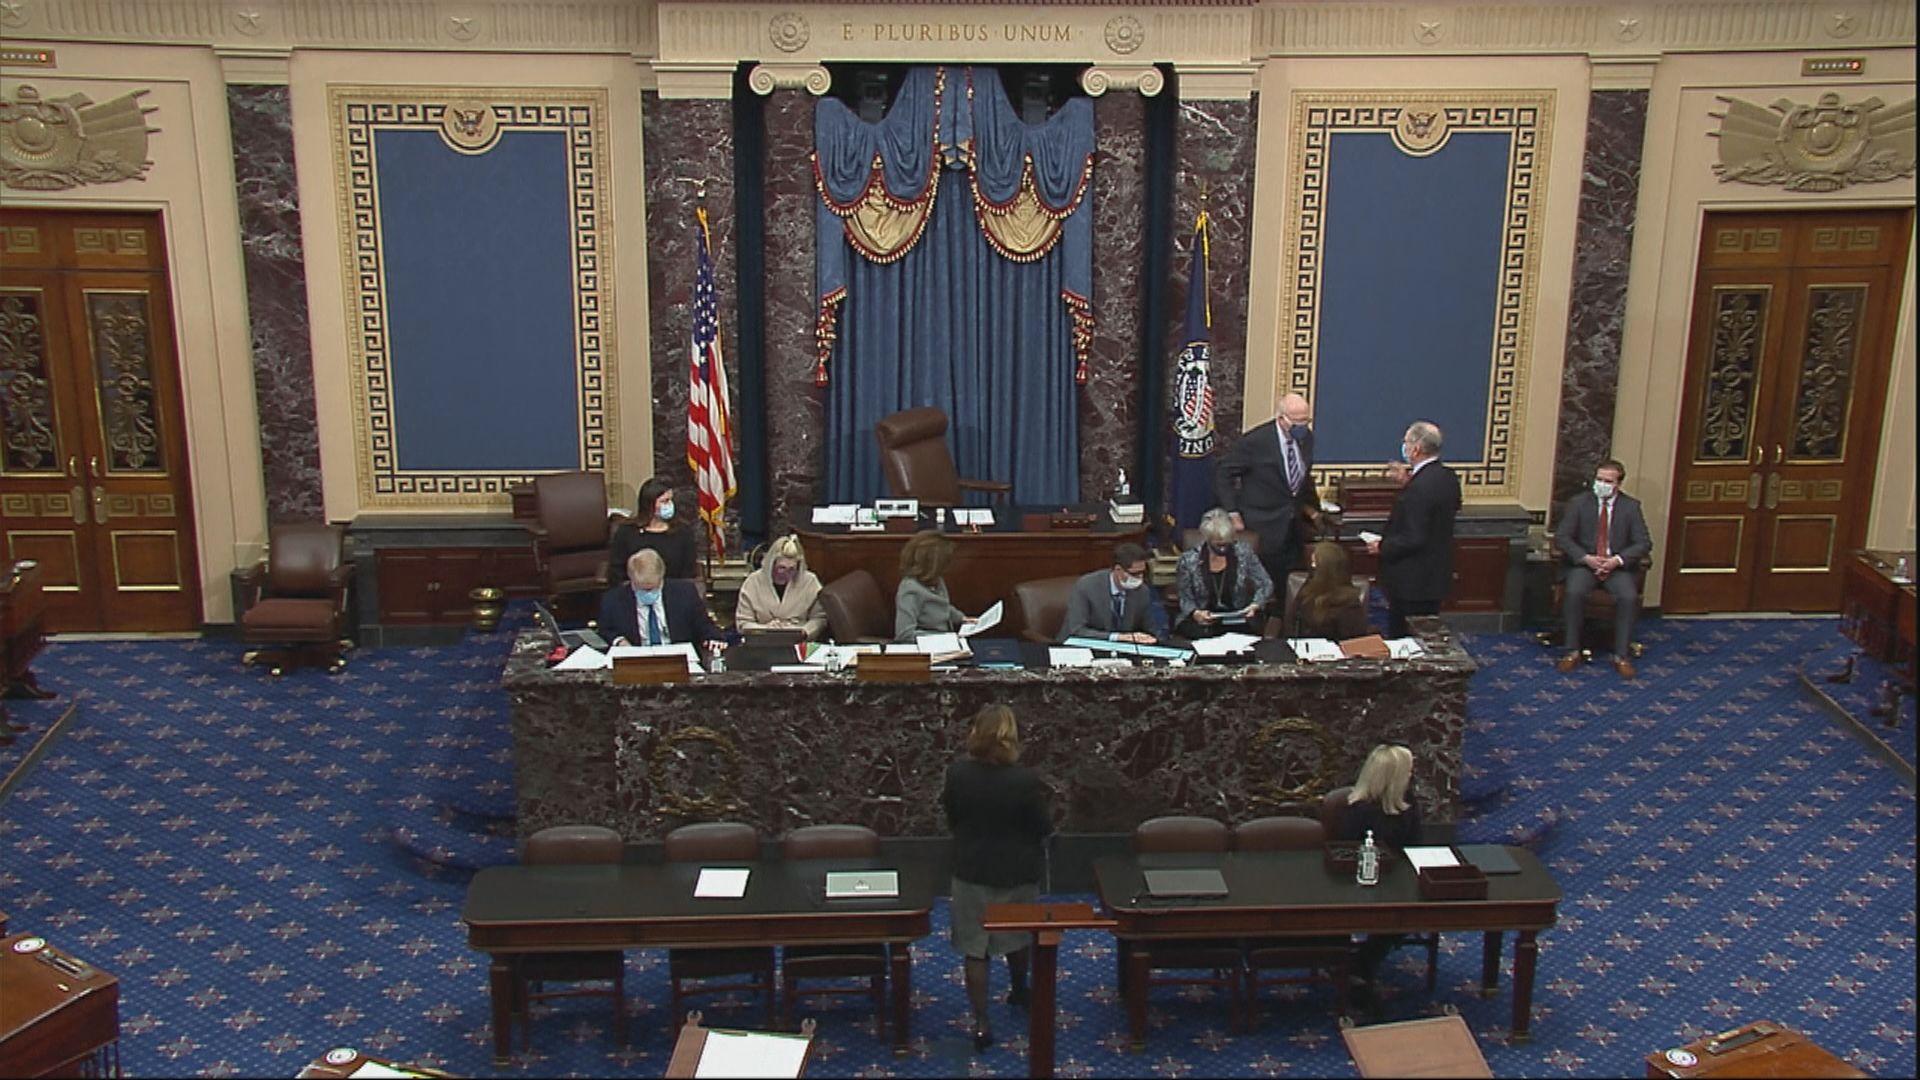 美國參議院下周展開特朗普彈劾聆訊 律師指聆訊不合憲